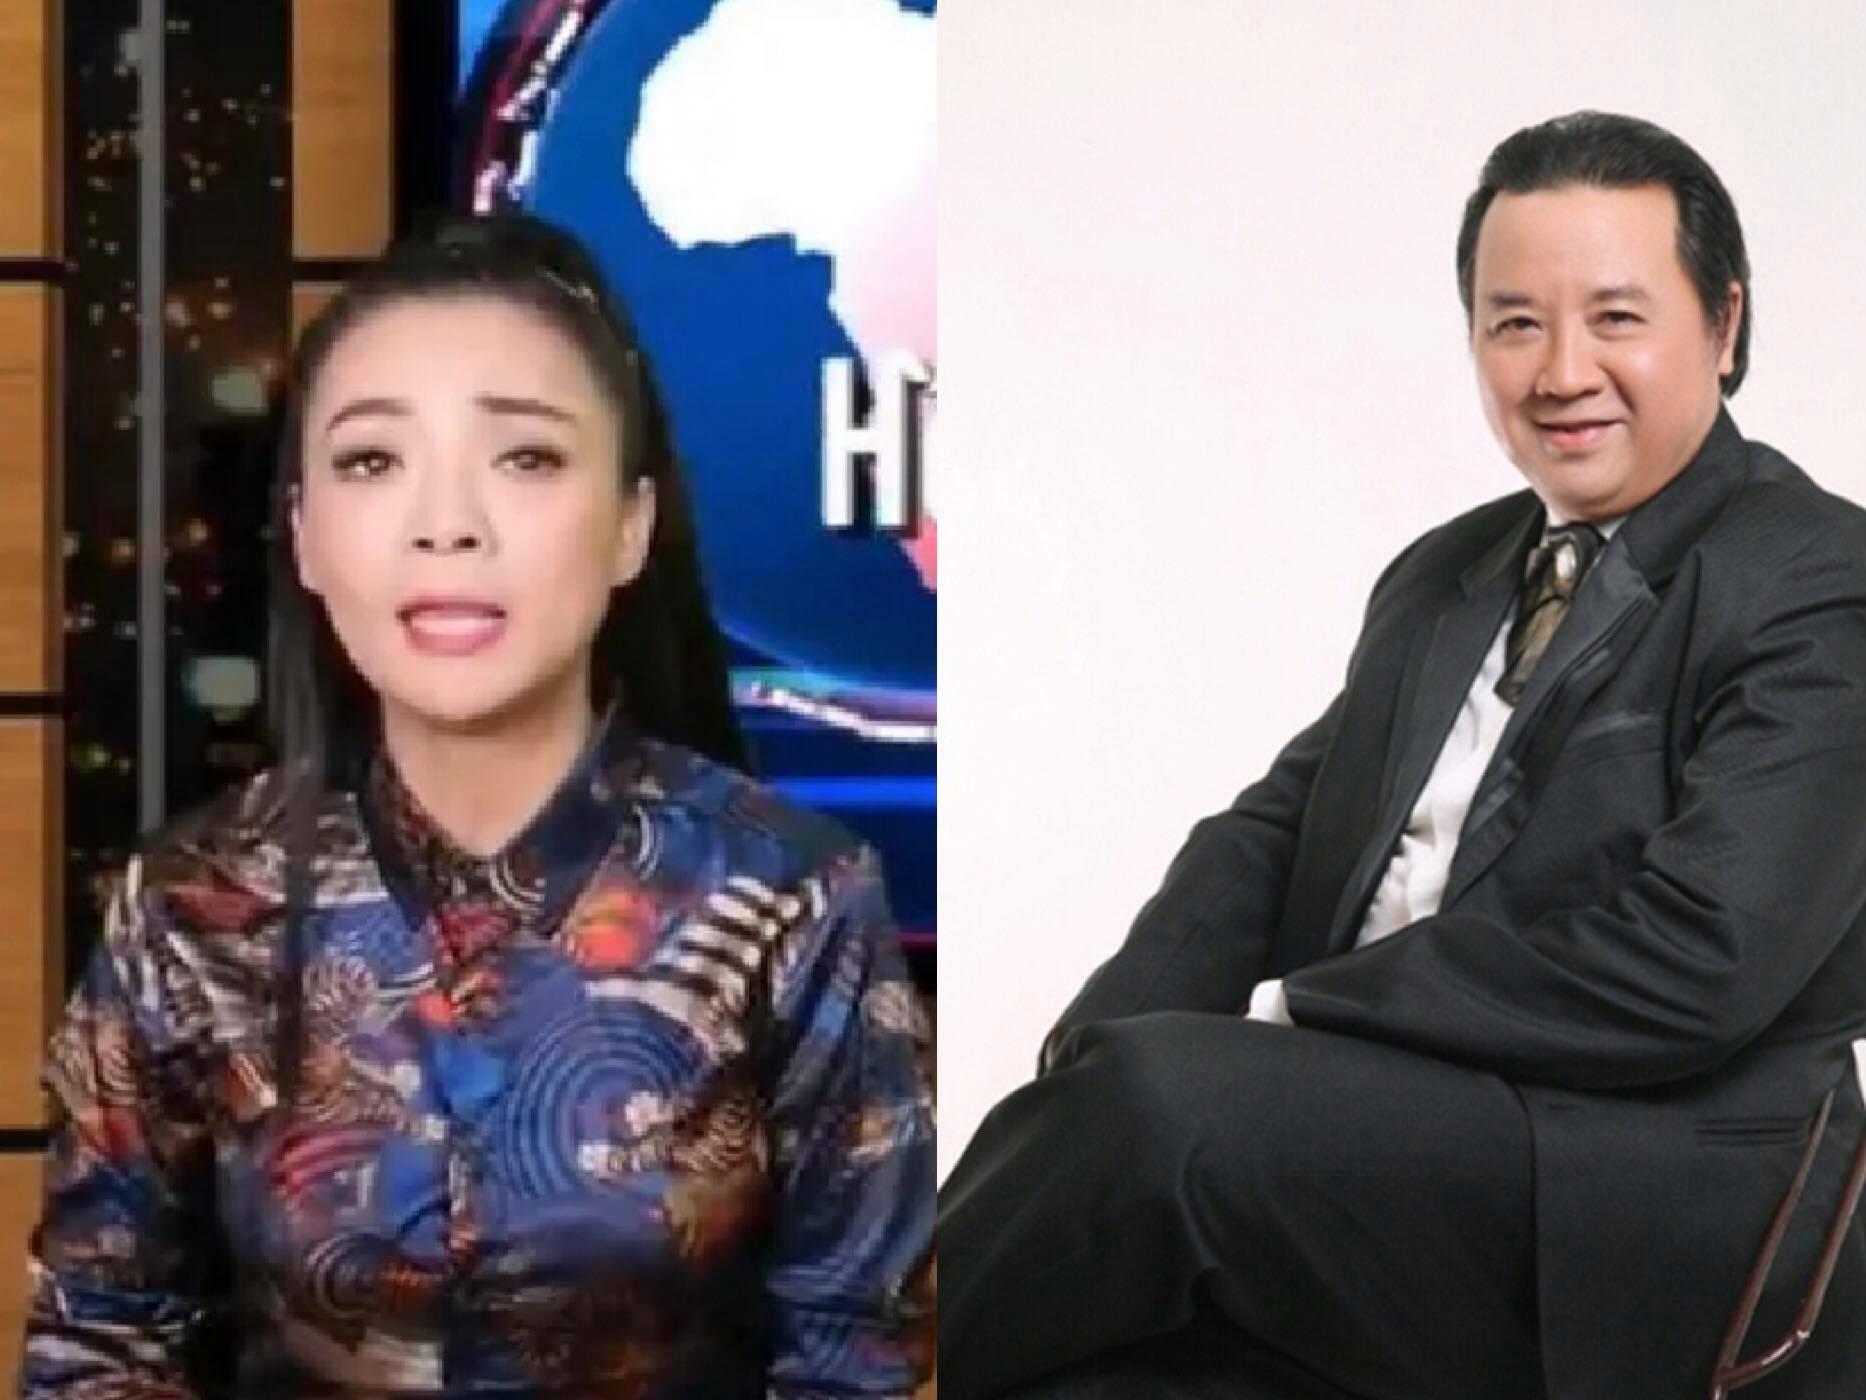 Con gái Bảo Quốc bức xúc khi Phi Nhung bị ghép ảnh: Tôi thấy hành động này là vô cùng ác độc, thất đức